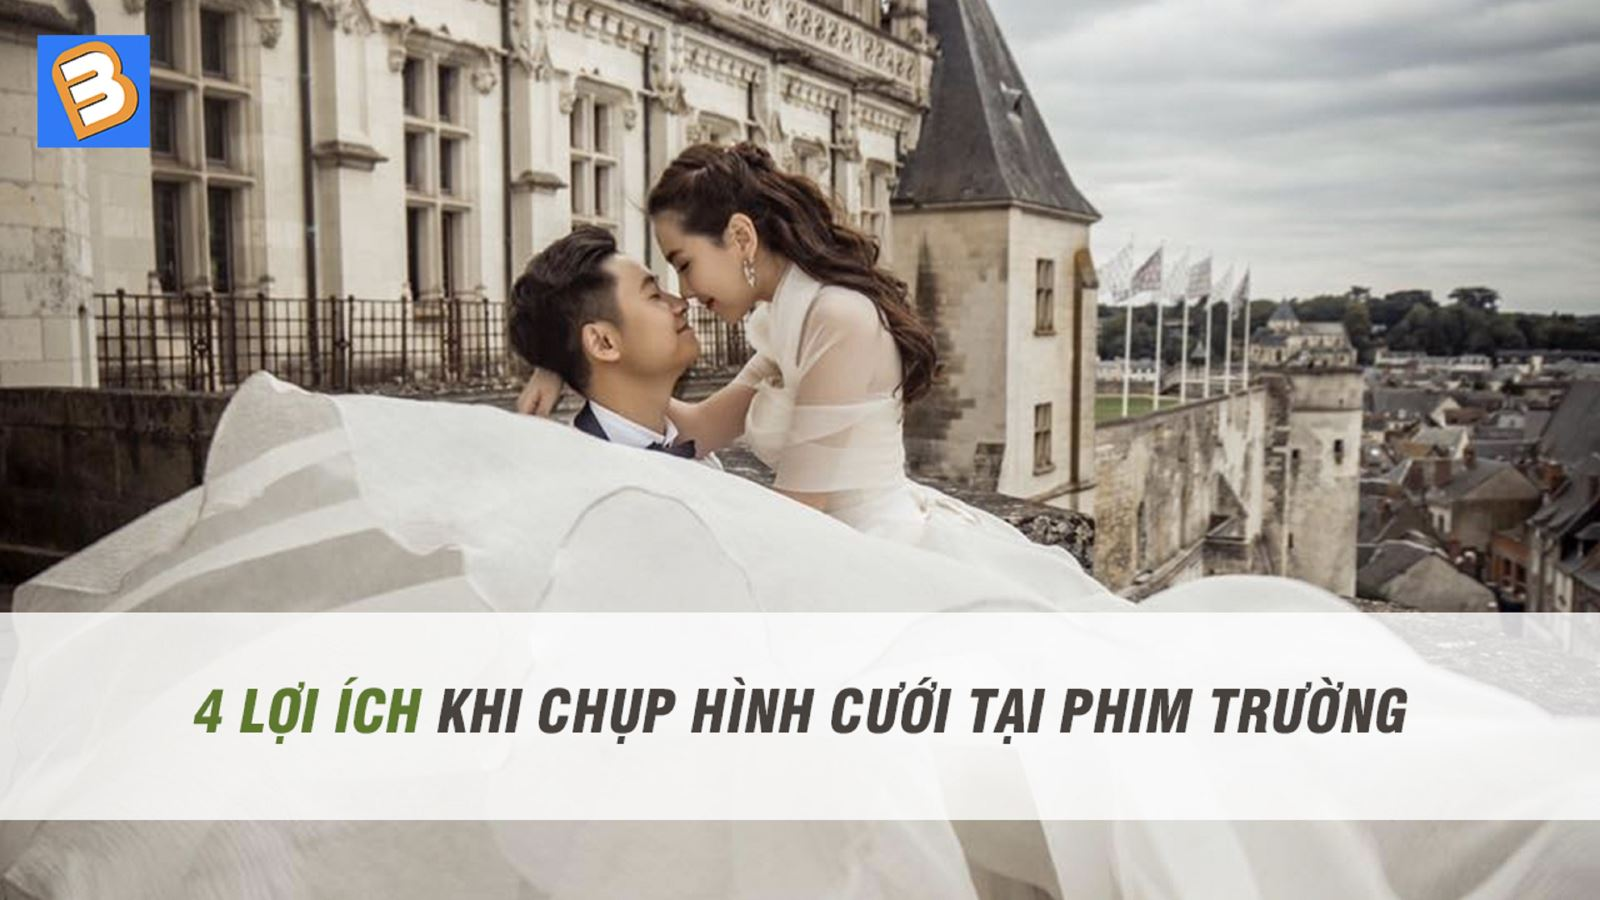 4 lợi ích khi chụp hình cướitại phim trường